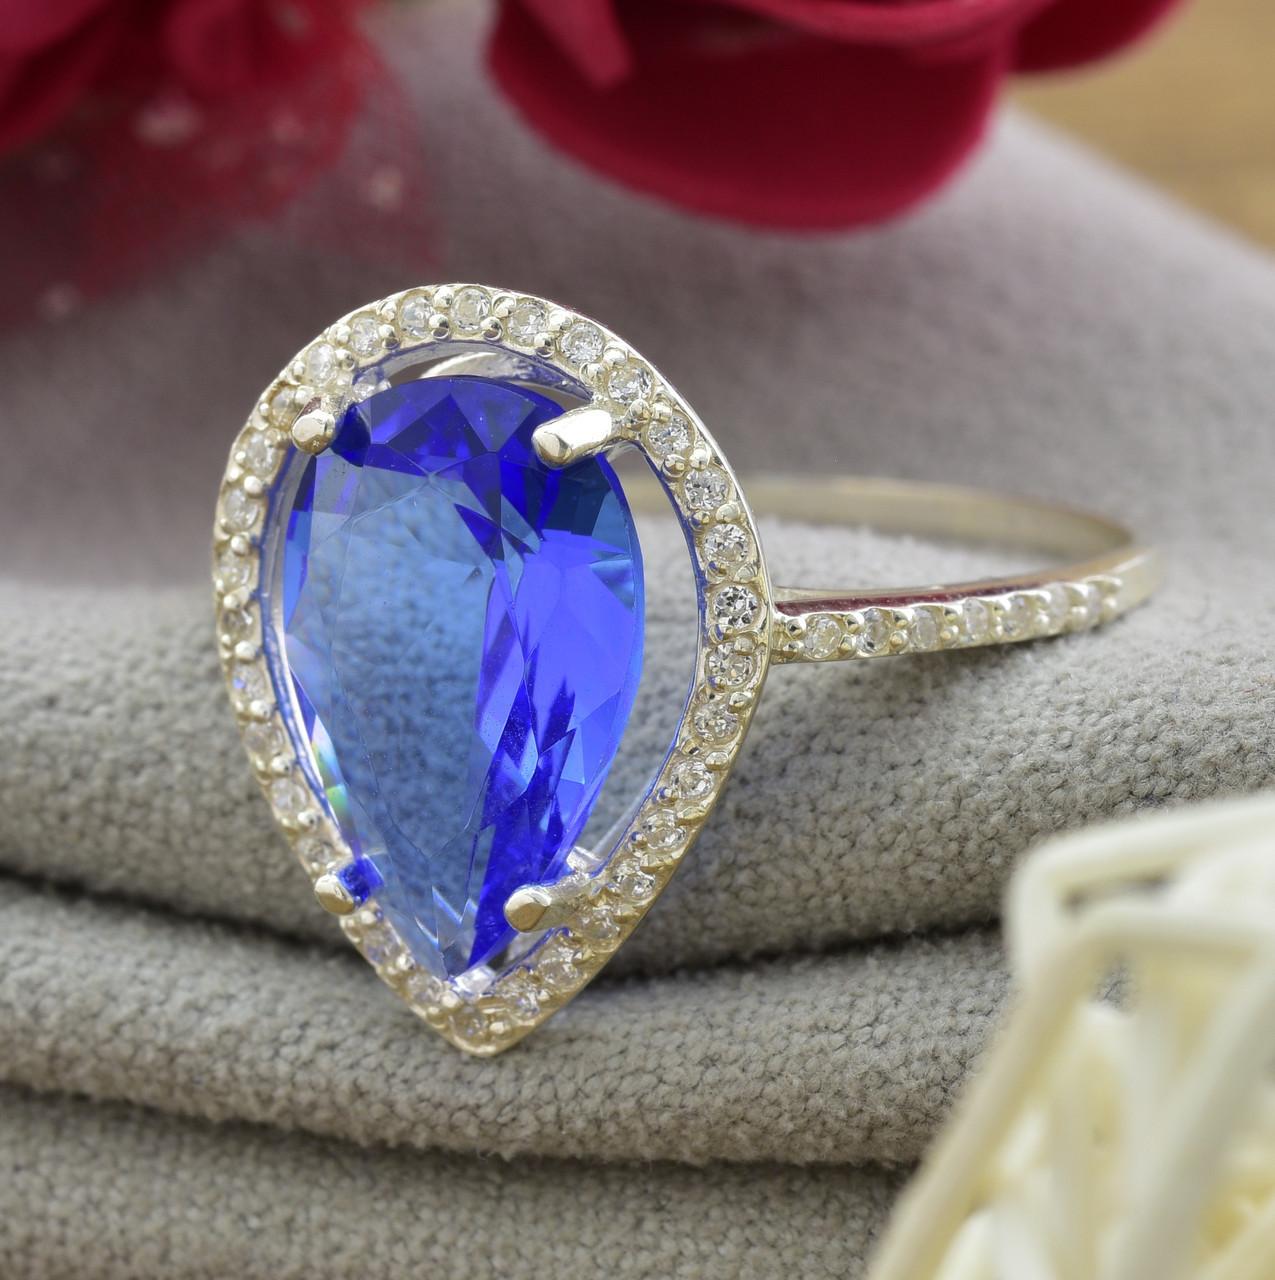 Серебряное кольцо Катюша, вставка светло синий и белые фианиты, вес 2.55 г, размер 19.5